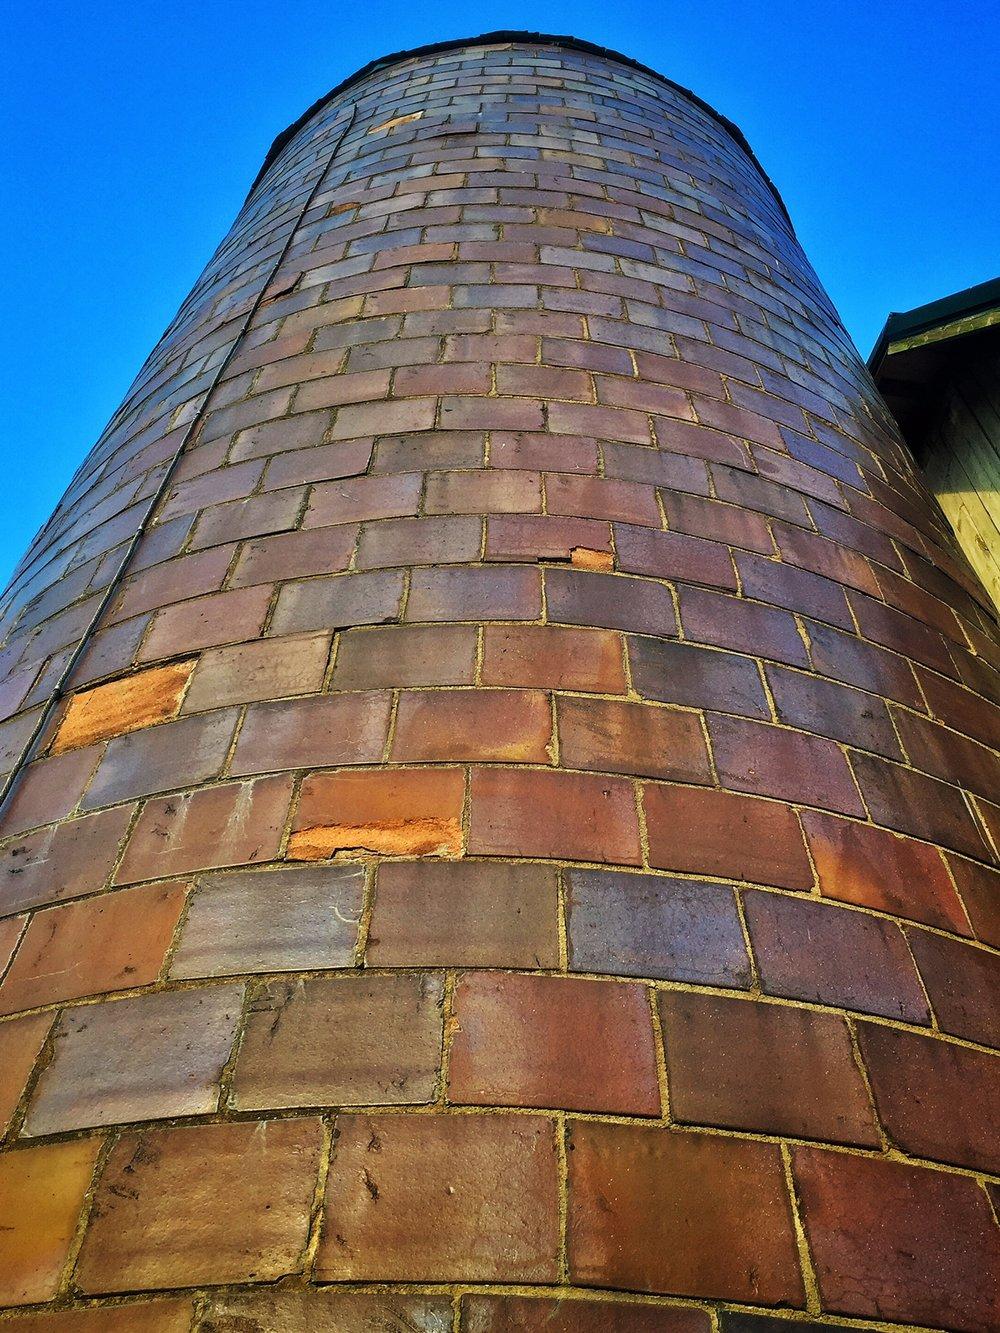 Picture of silo